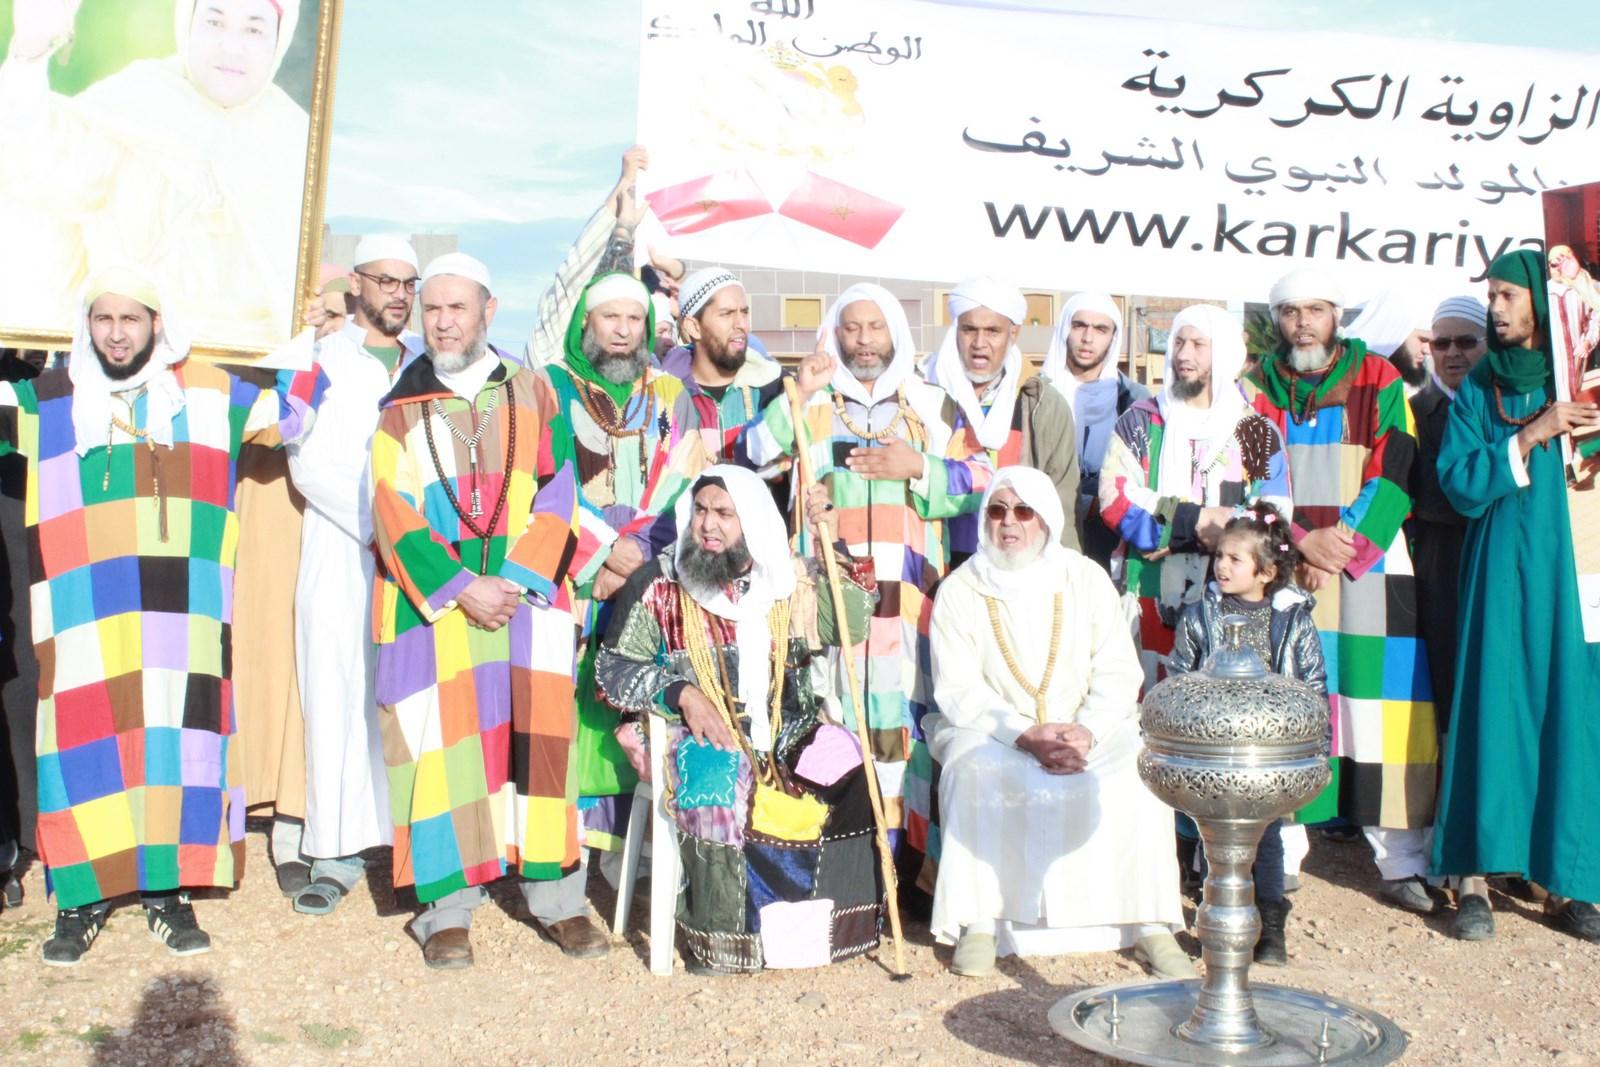 karkariya14